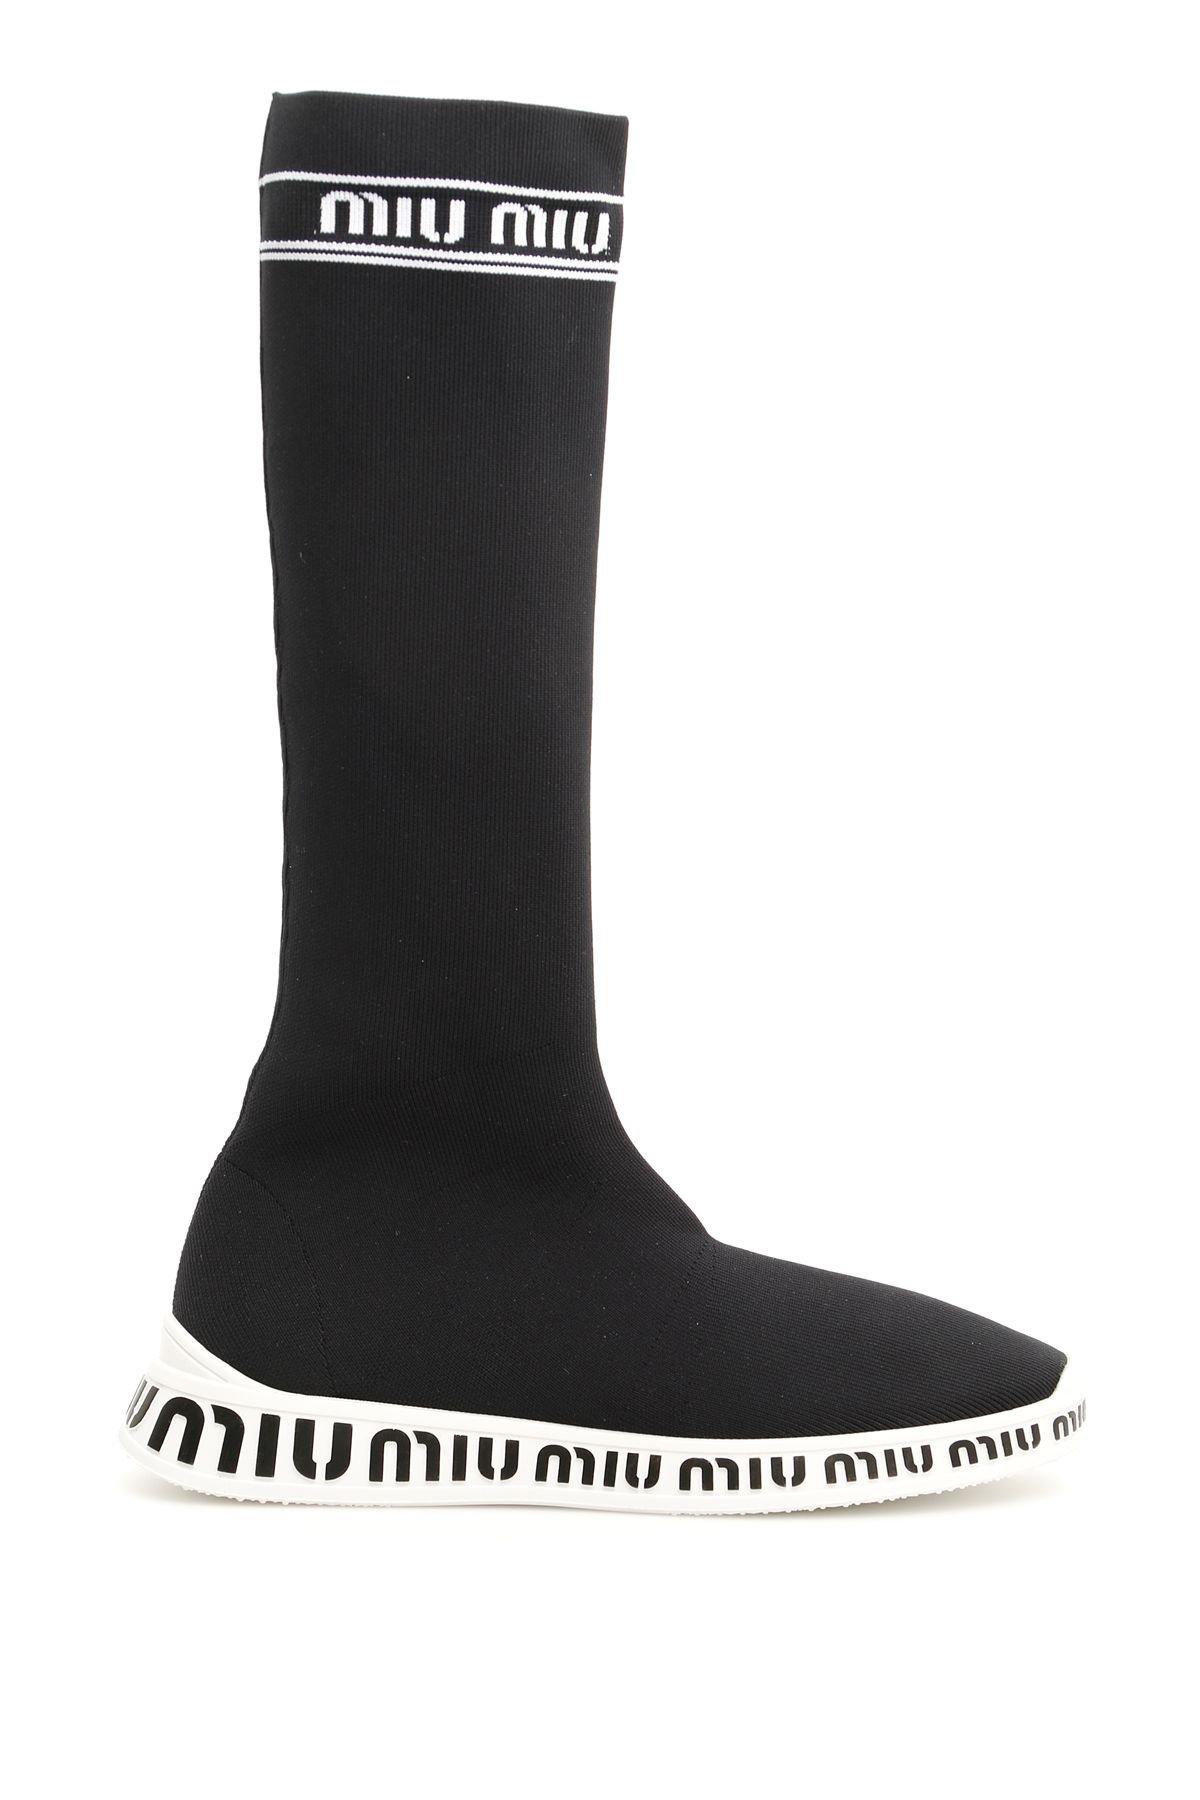 Miu Miu Logo Boots